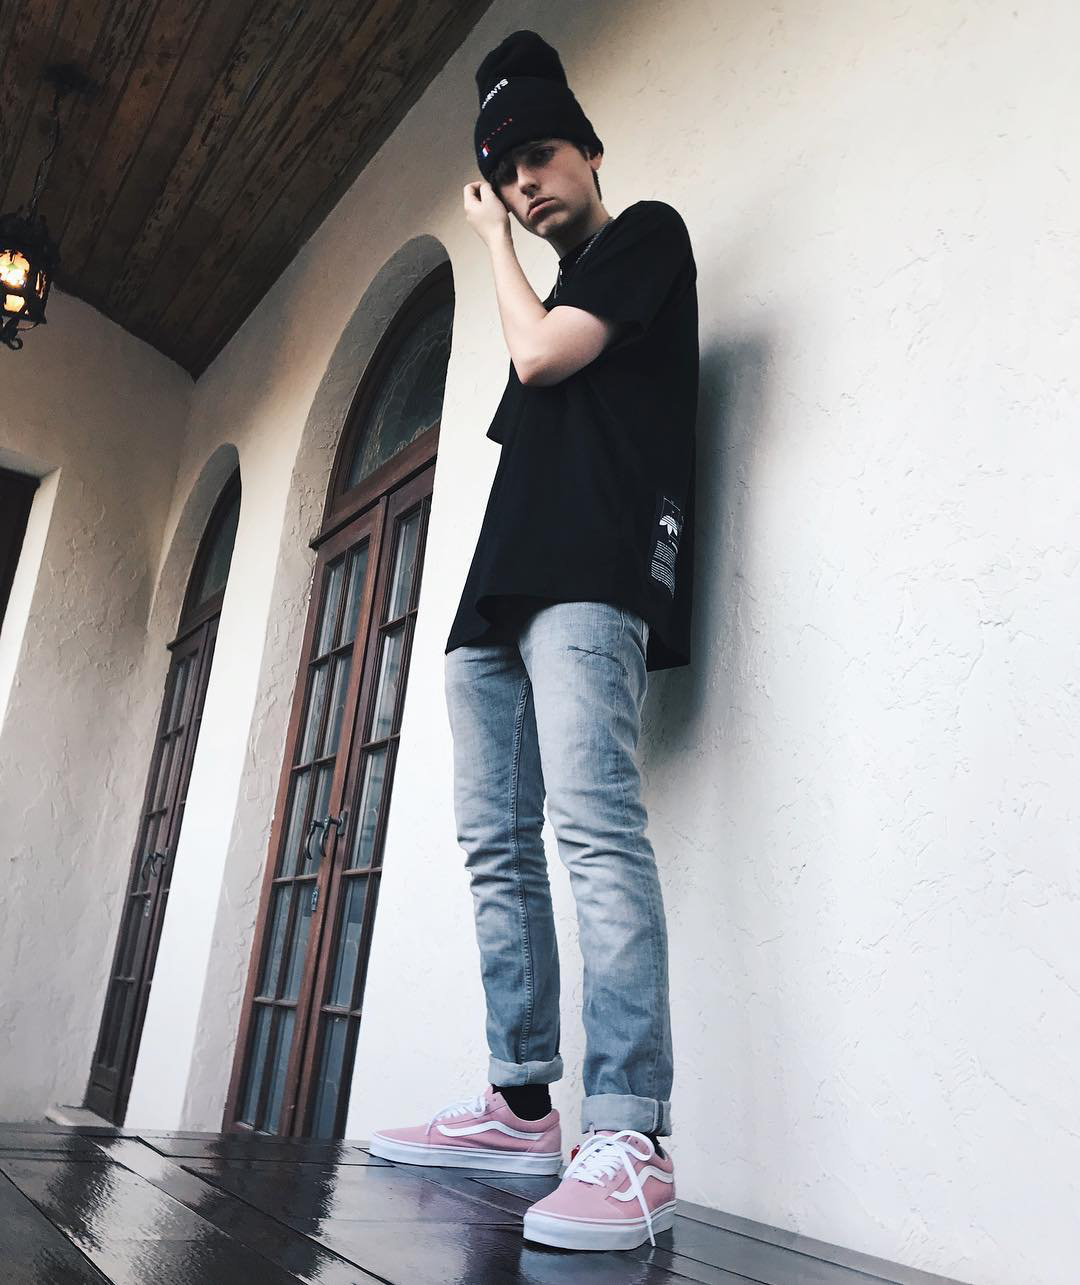 8183785c7c Chris Miles x Zephyr Pink Vans Old Skool